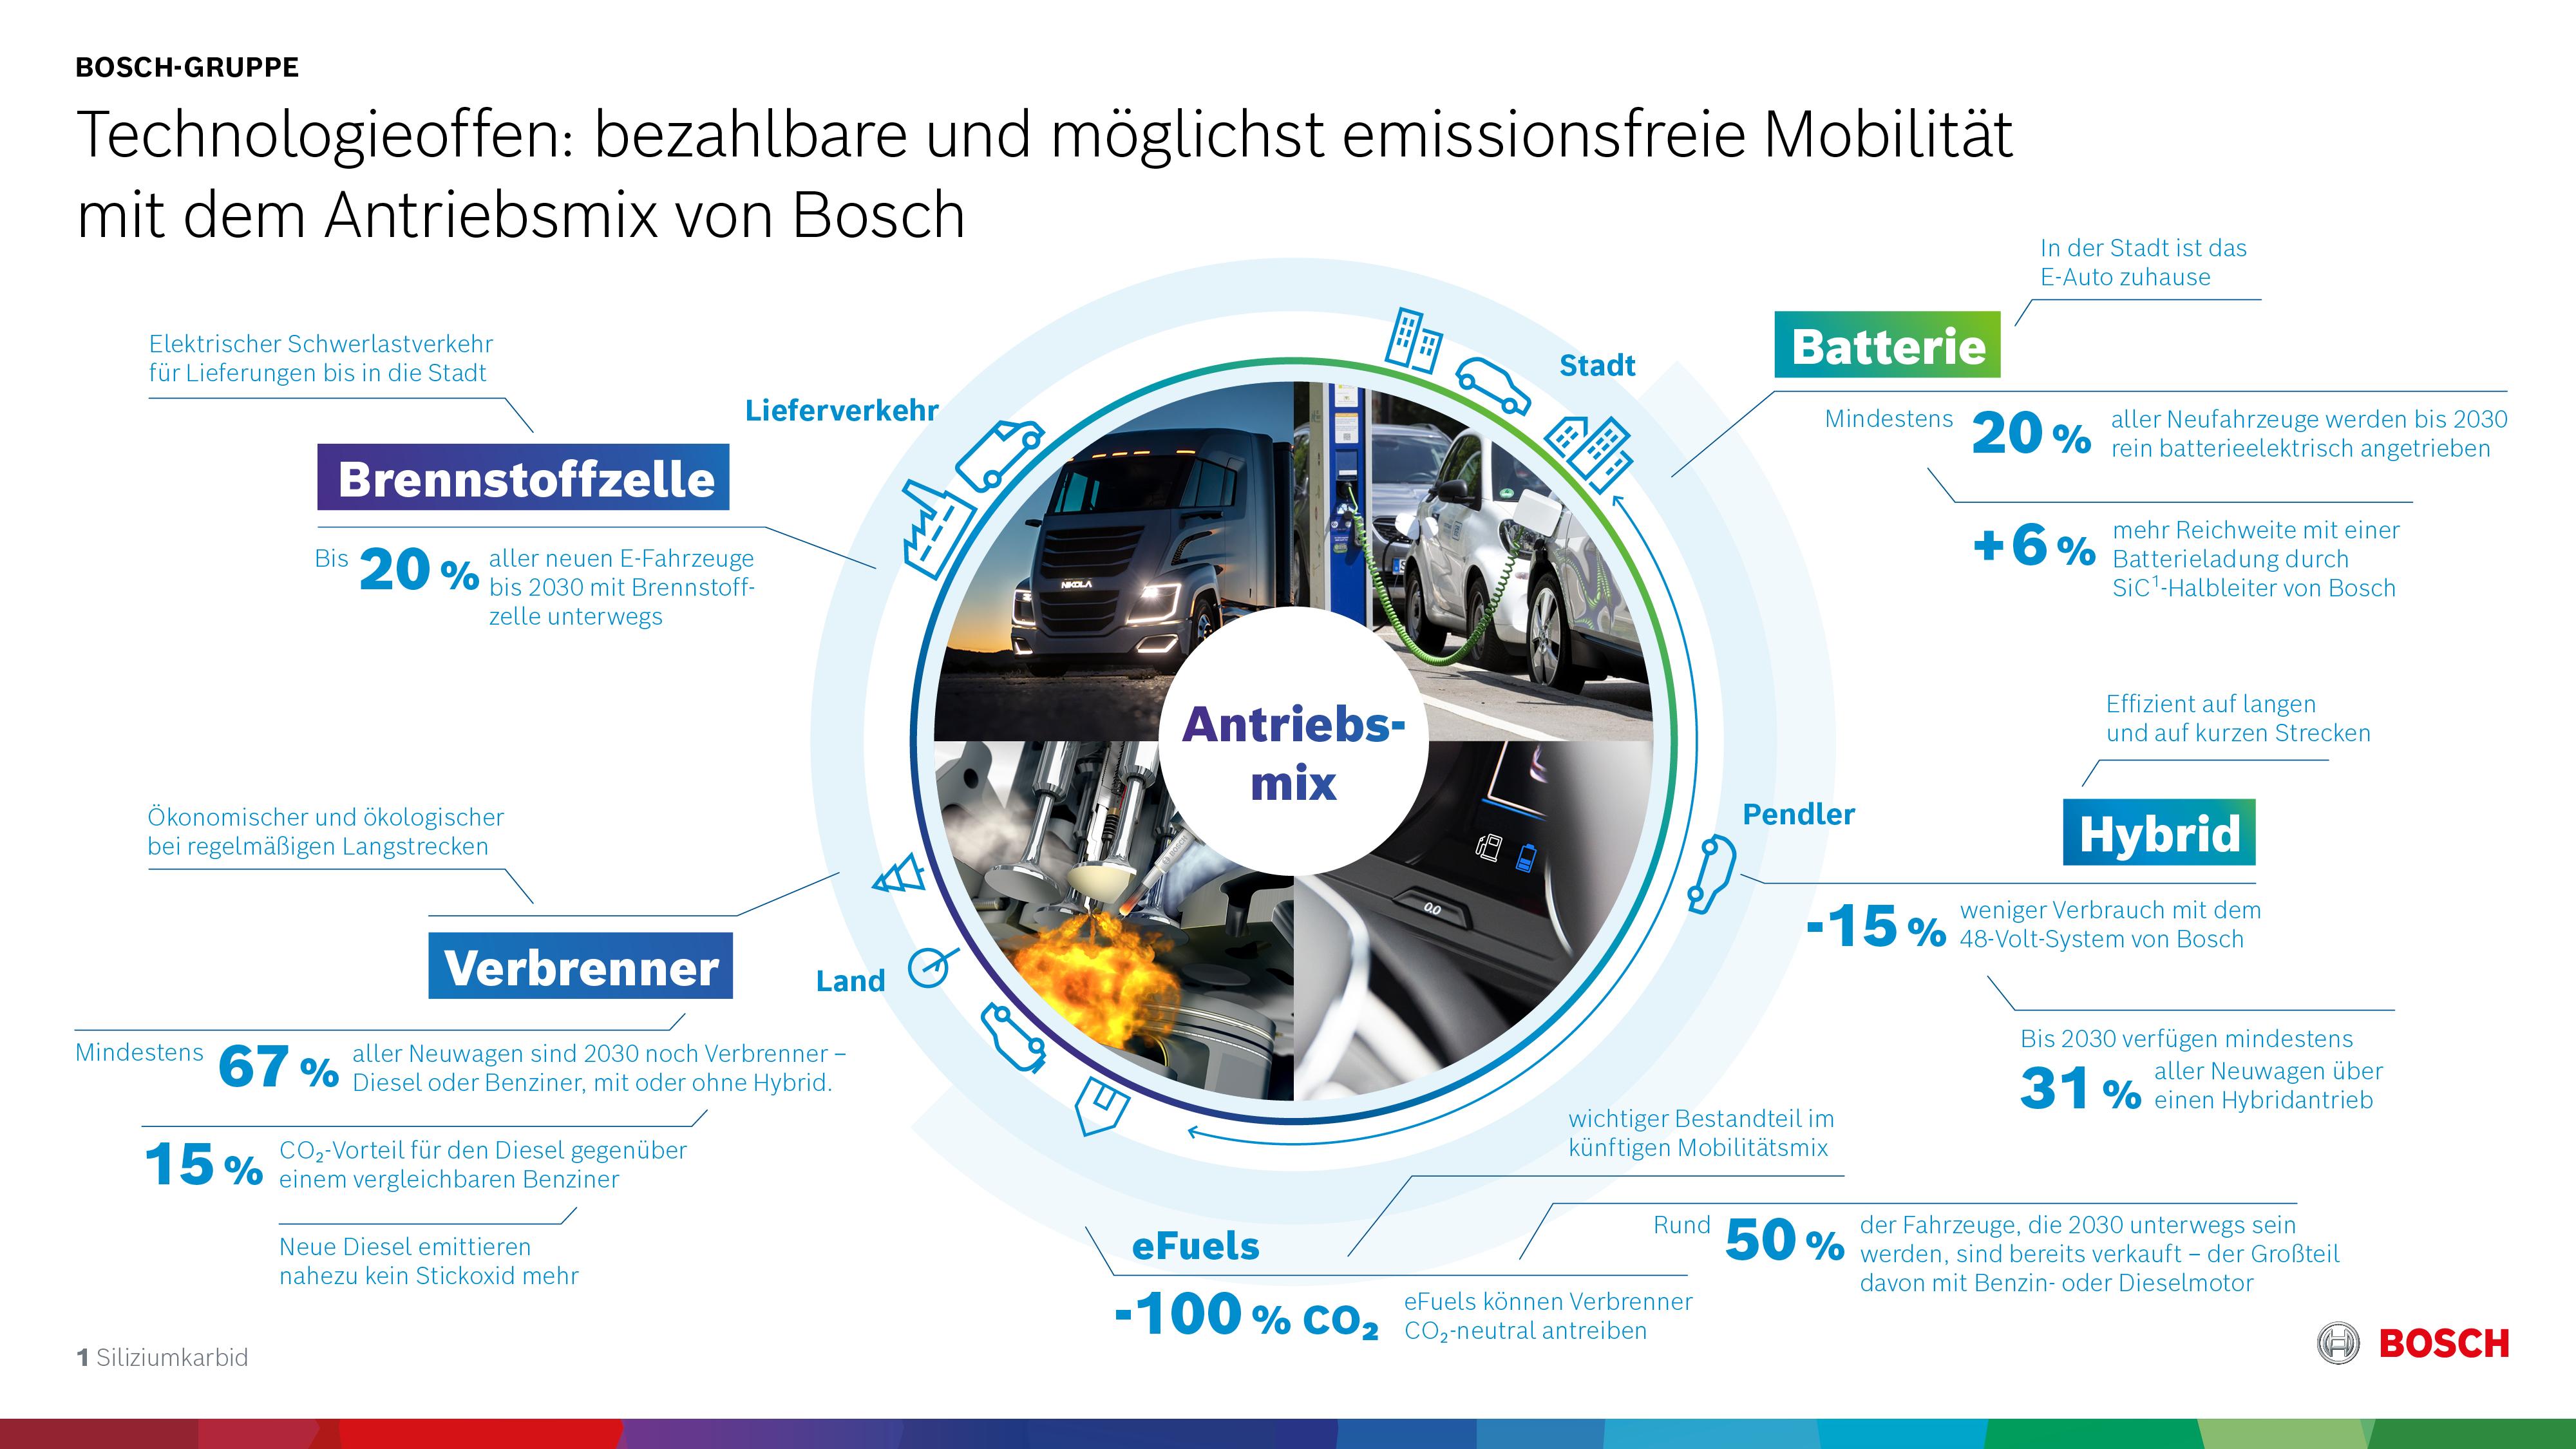 Elektrifizierung des Produktportfolios: Antriebstechnik